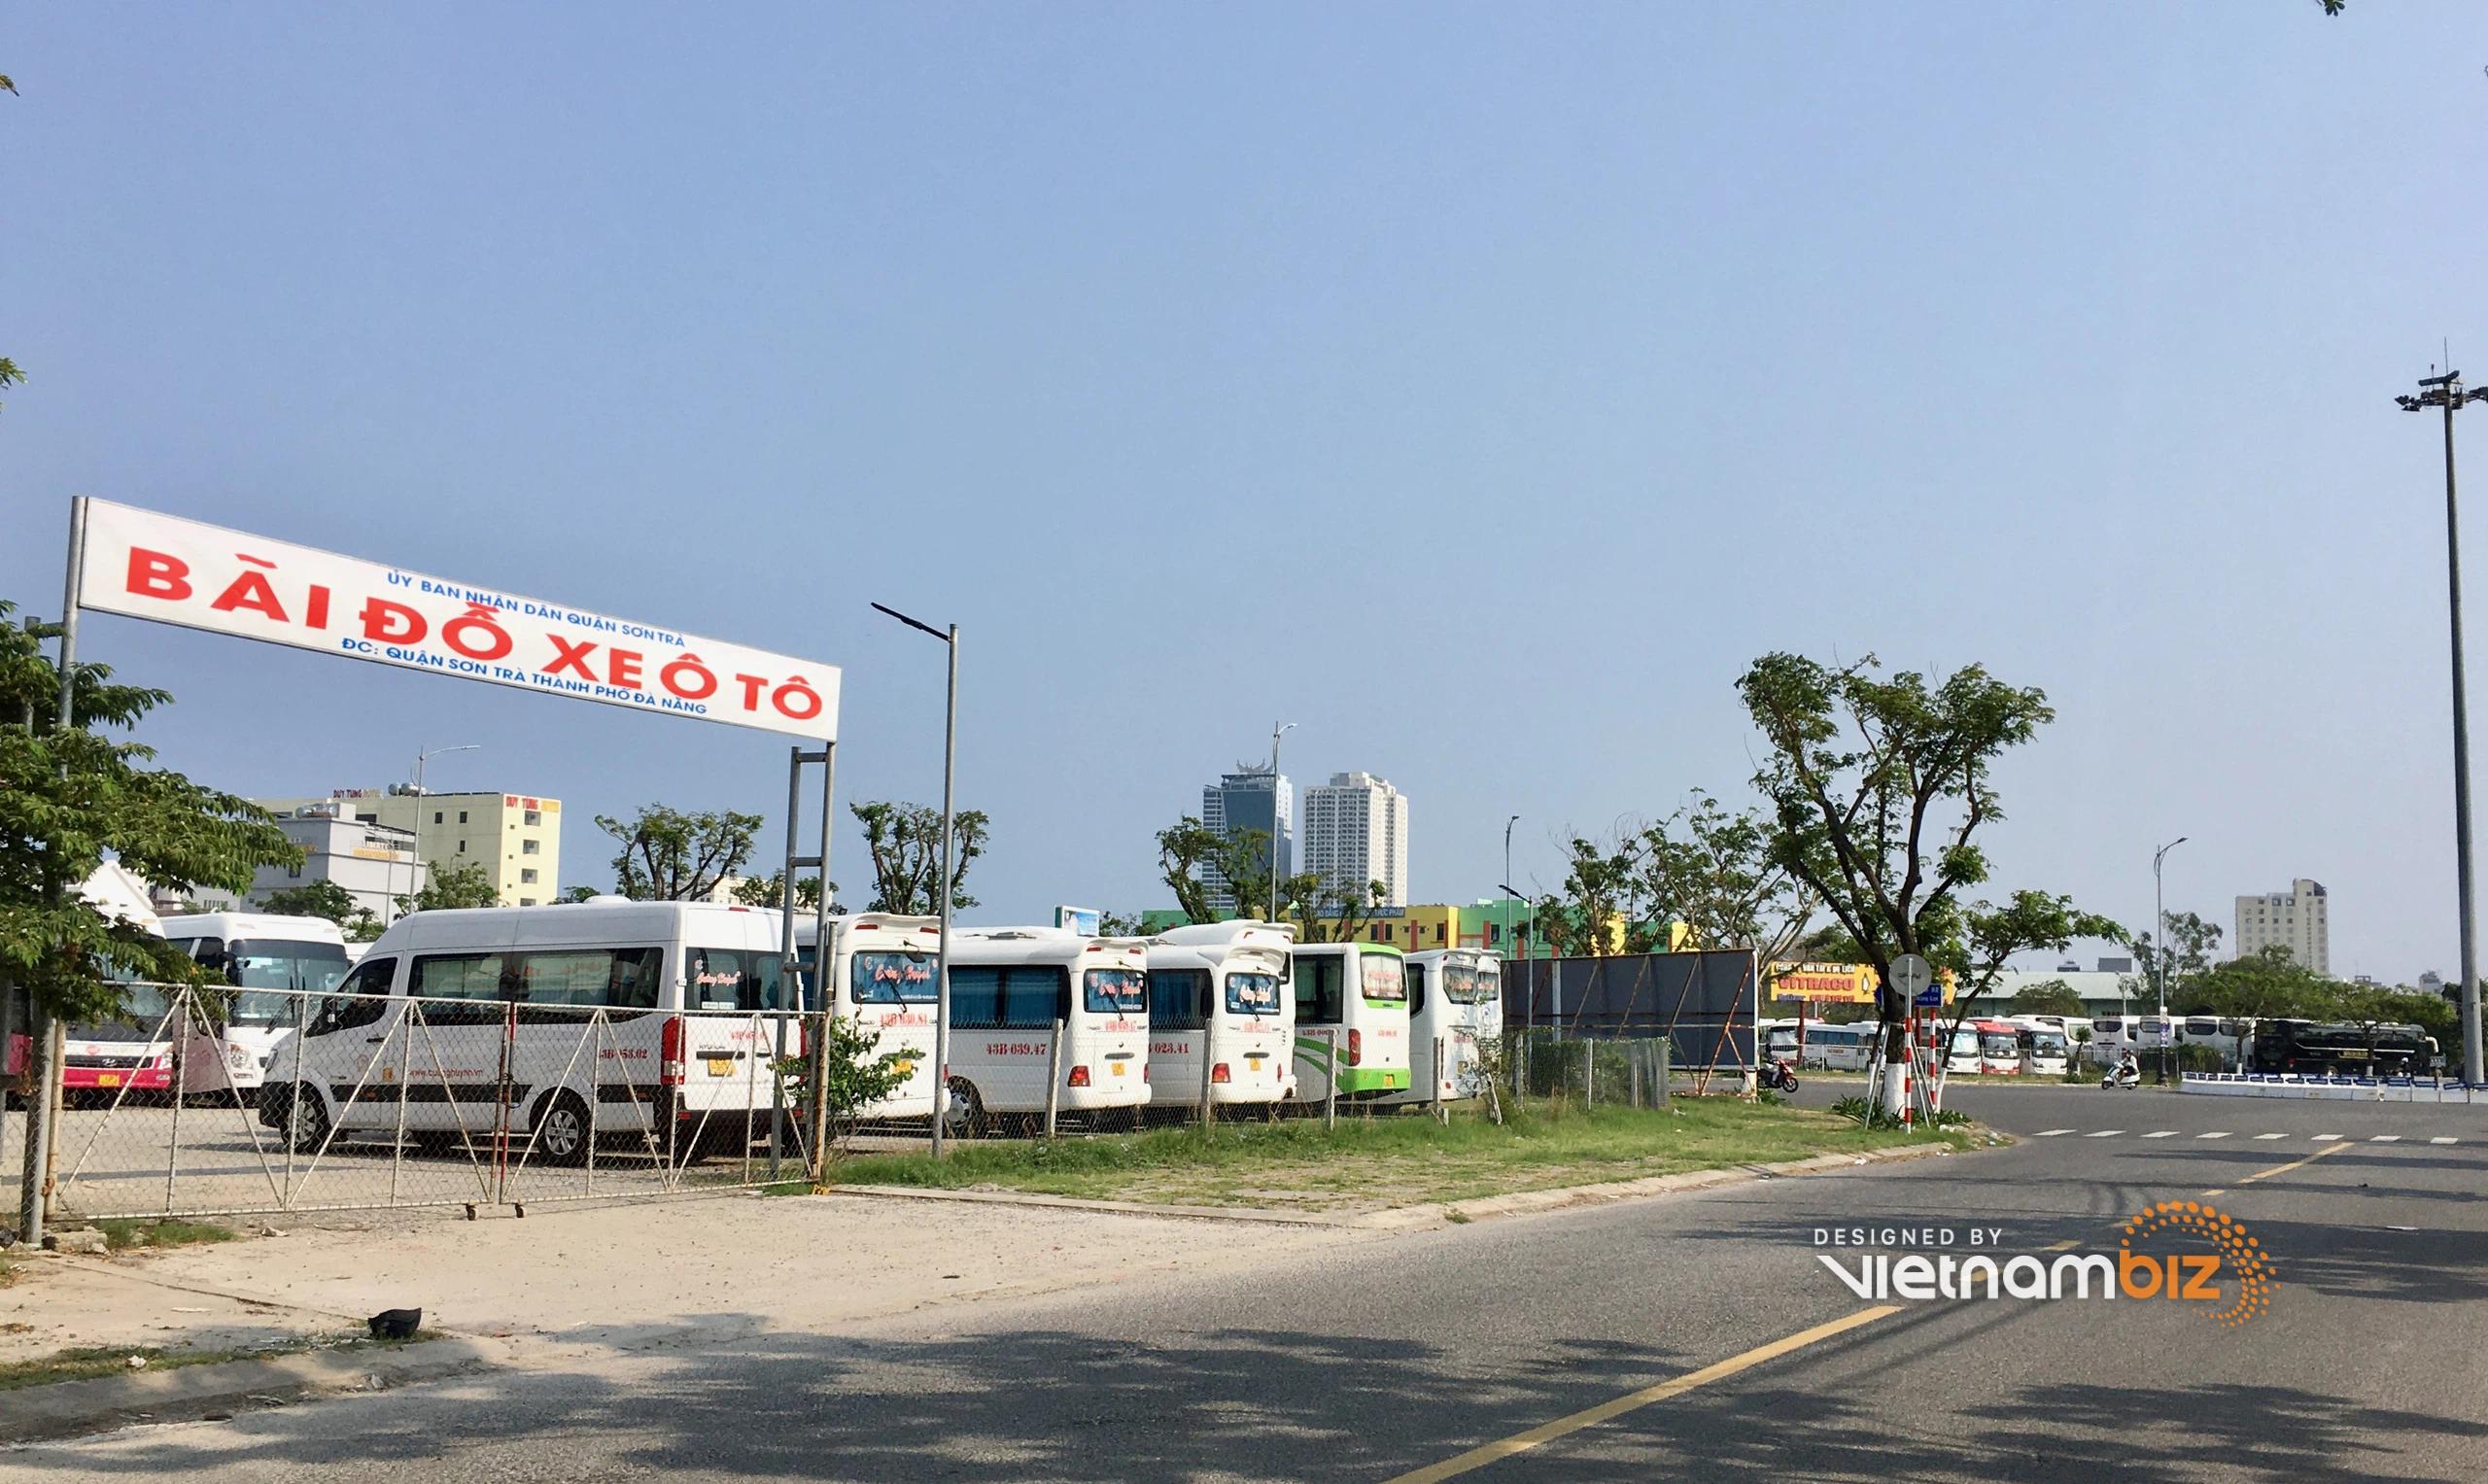 Hình ảnh 5 khu đất Đà Nẵng sẽ làm Khu phức hợp có casino và chung cư cao cấp 62 tầng - Ảnh 11.